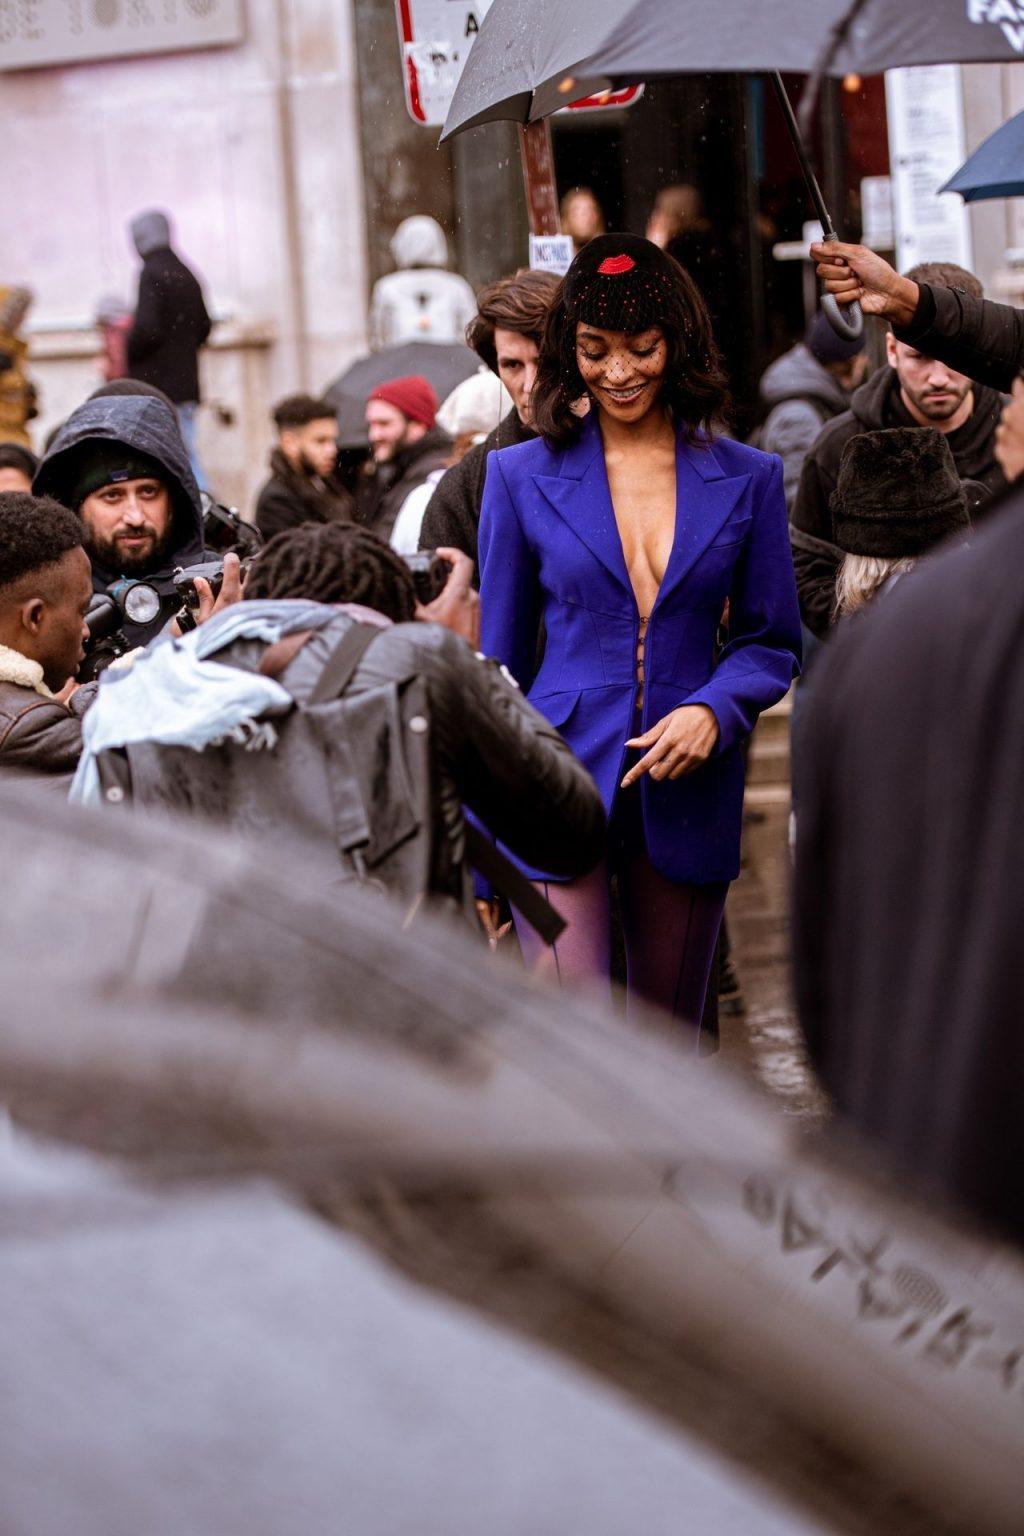 Jourdan Dunn Attends the Mugler Show in Paris (29 Photos)